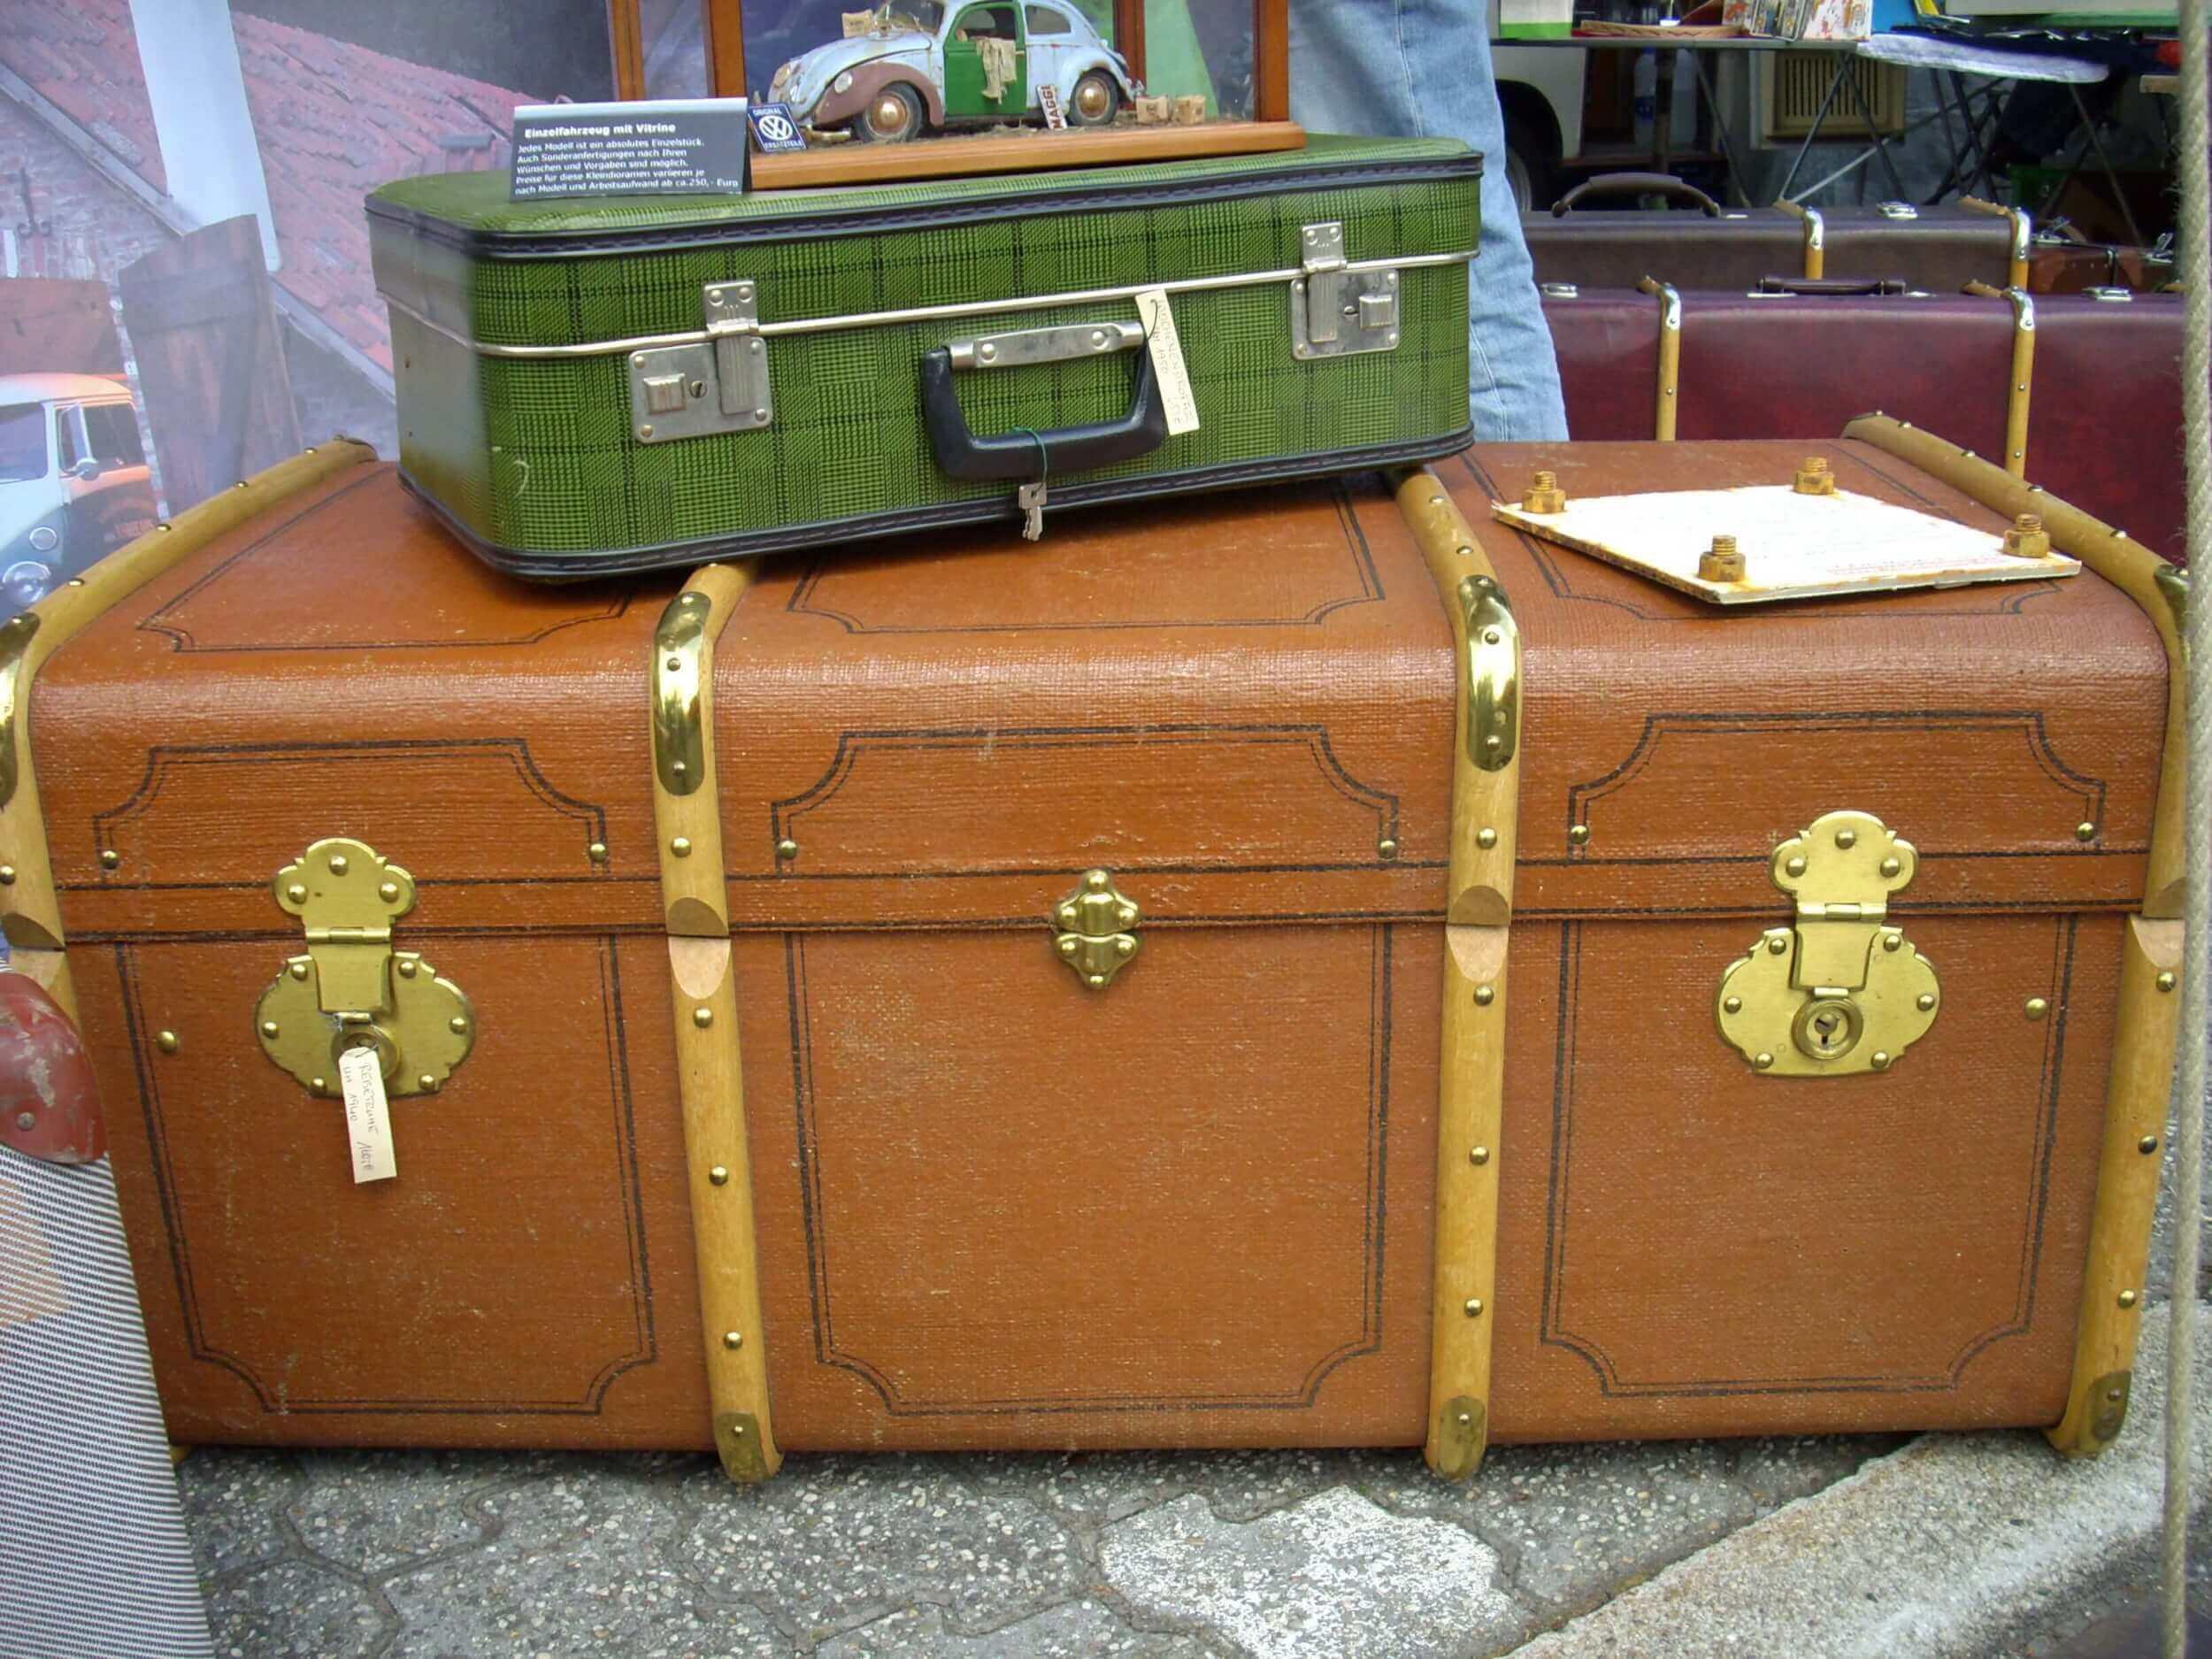 Urlaub   Koffer packen (c) Rike / pixelio.de